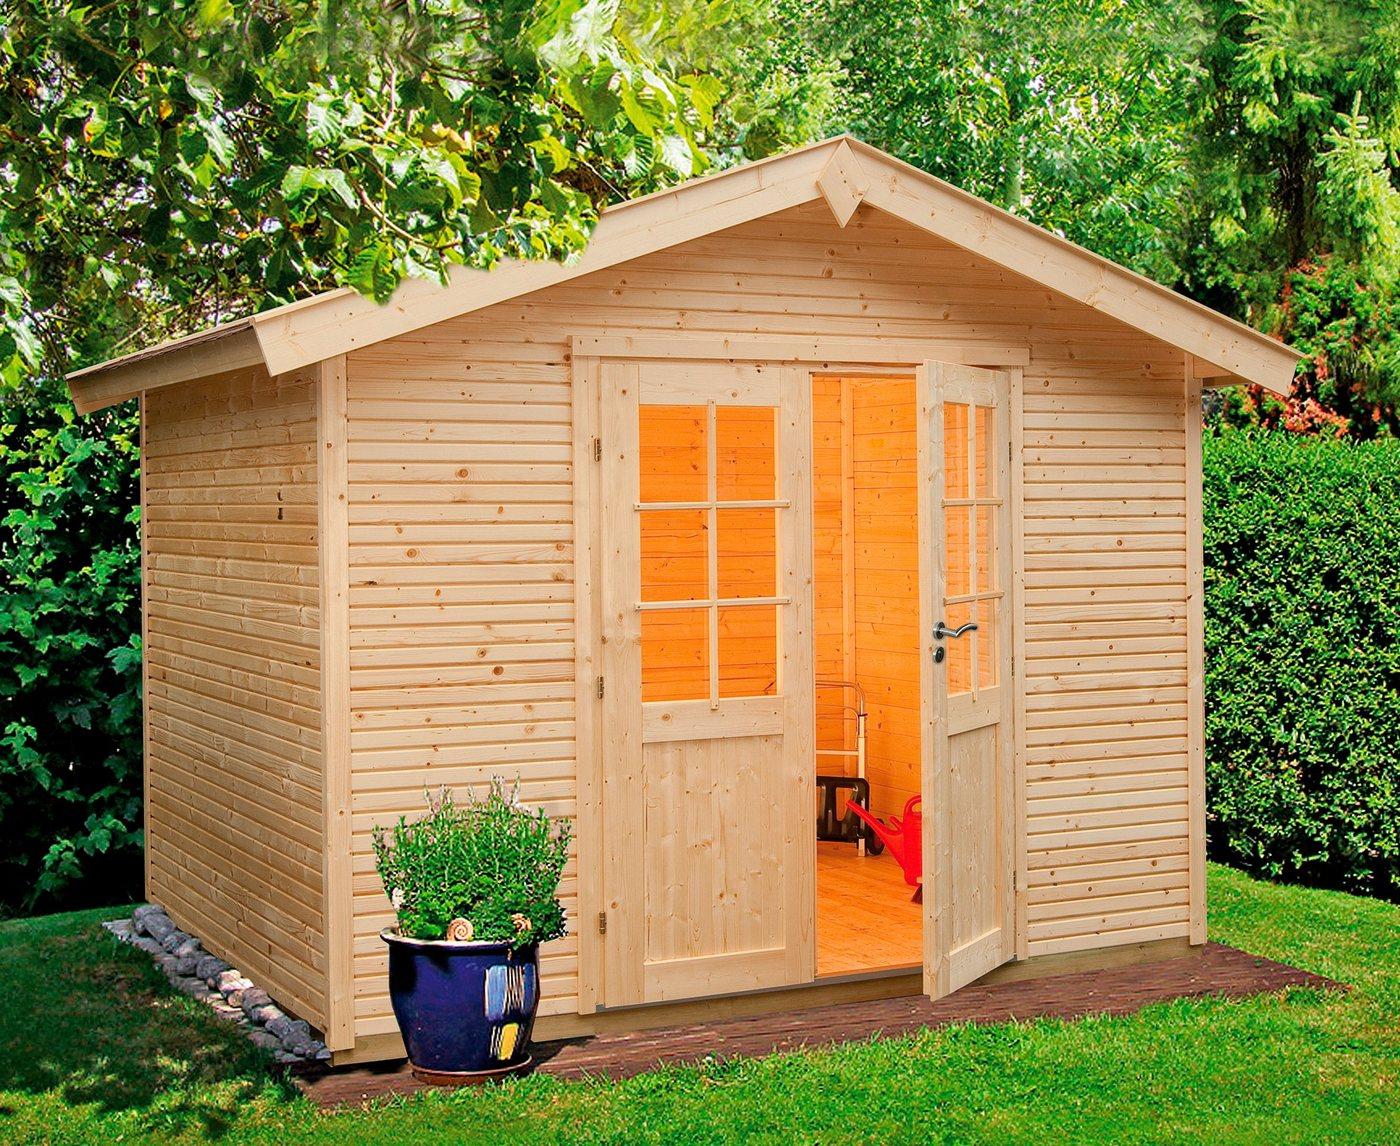 WOLFF FINNHAUS Gartenhaus »Klassik 2424 Softline«, BxT: 269x273 cm, inkl. Fußboden | Garten > Bodenbeläge-Garten | Wolff